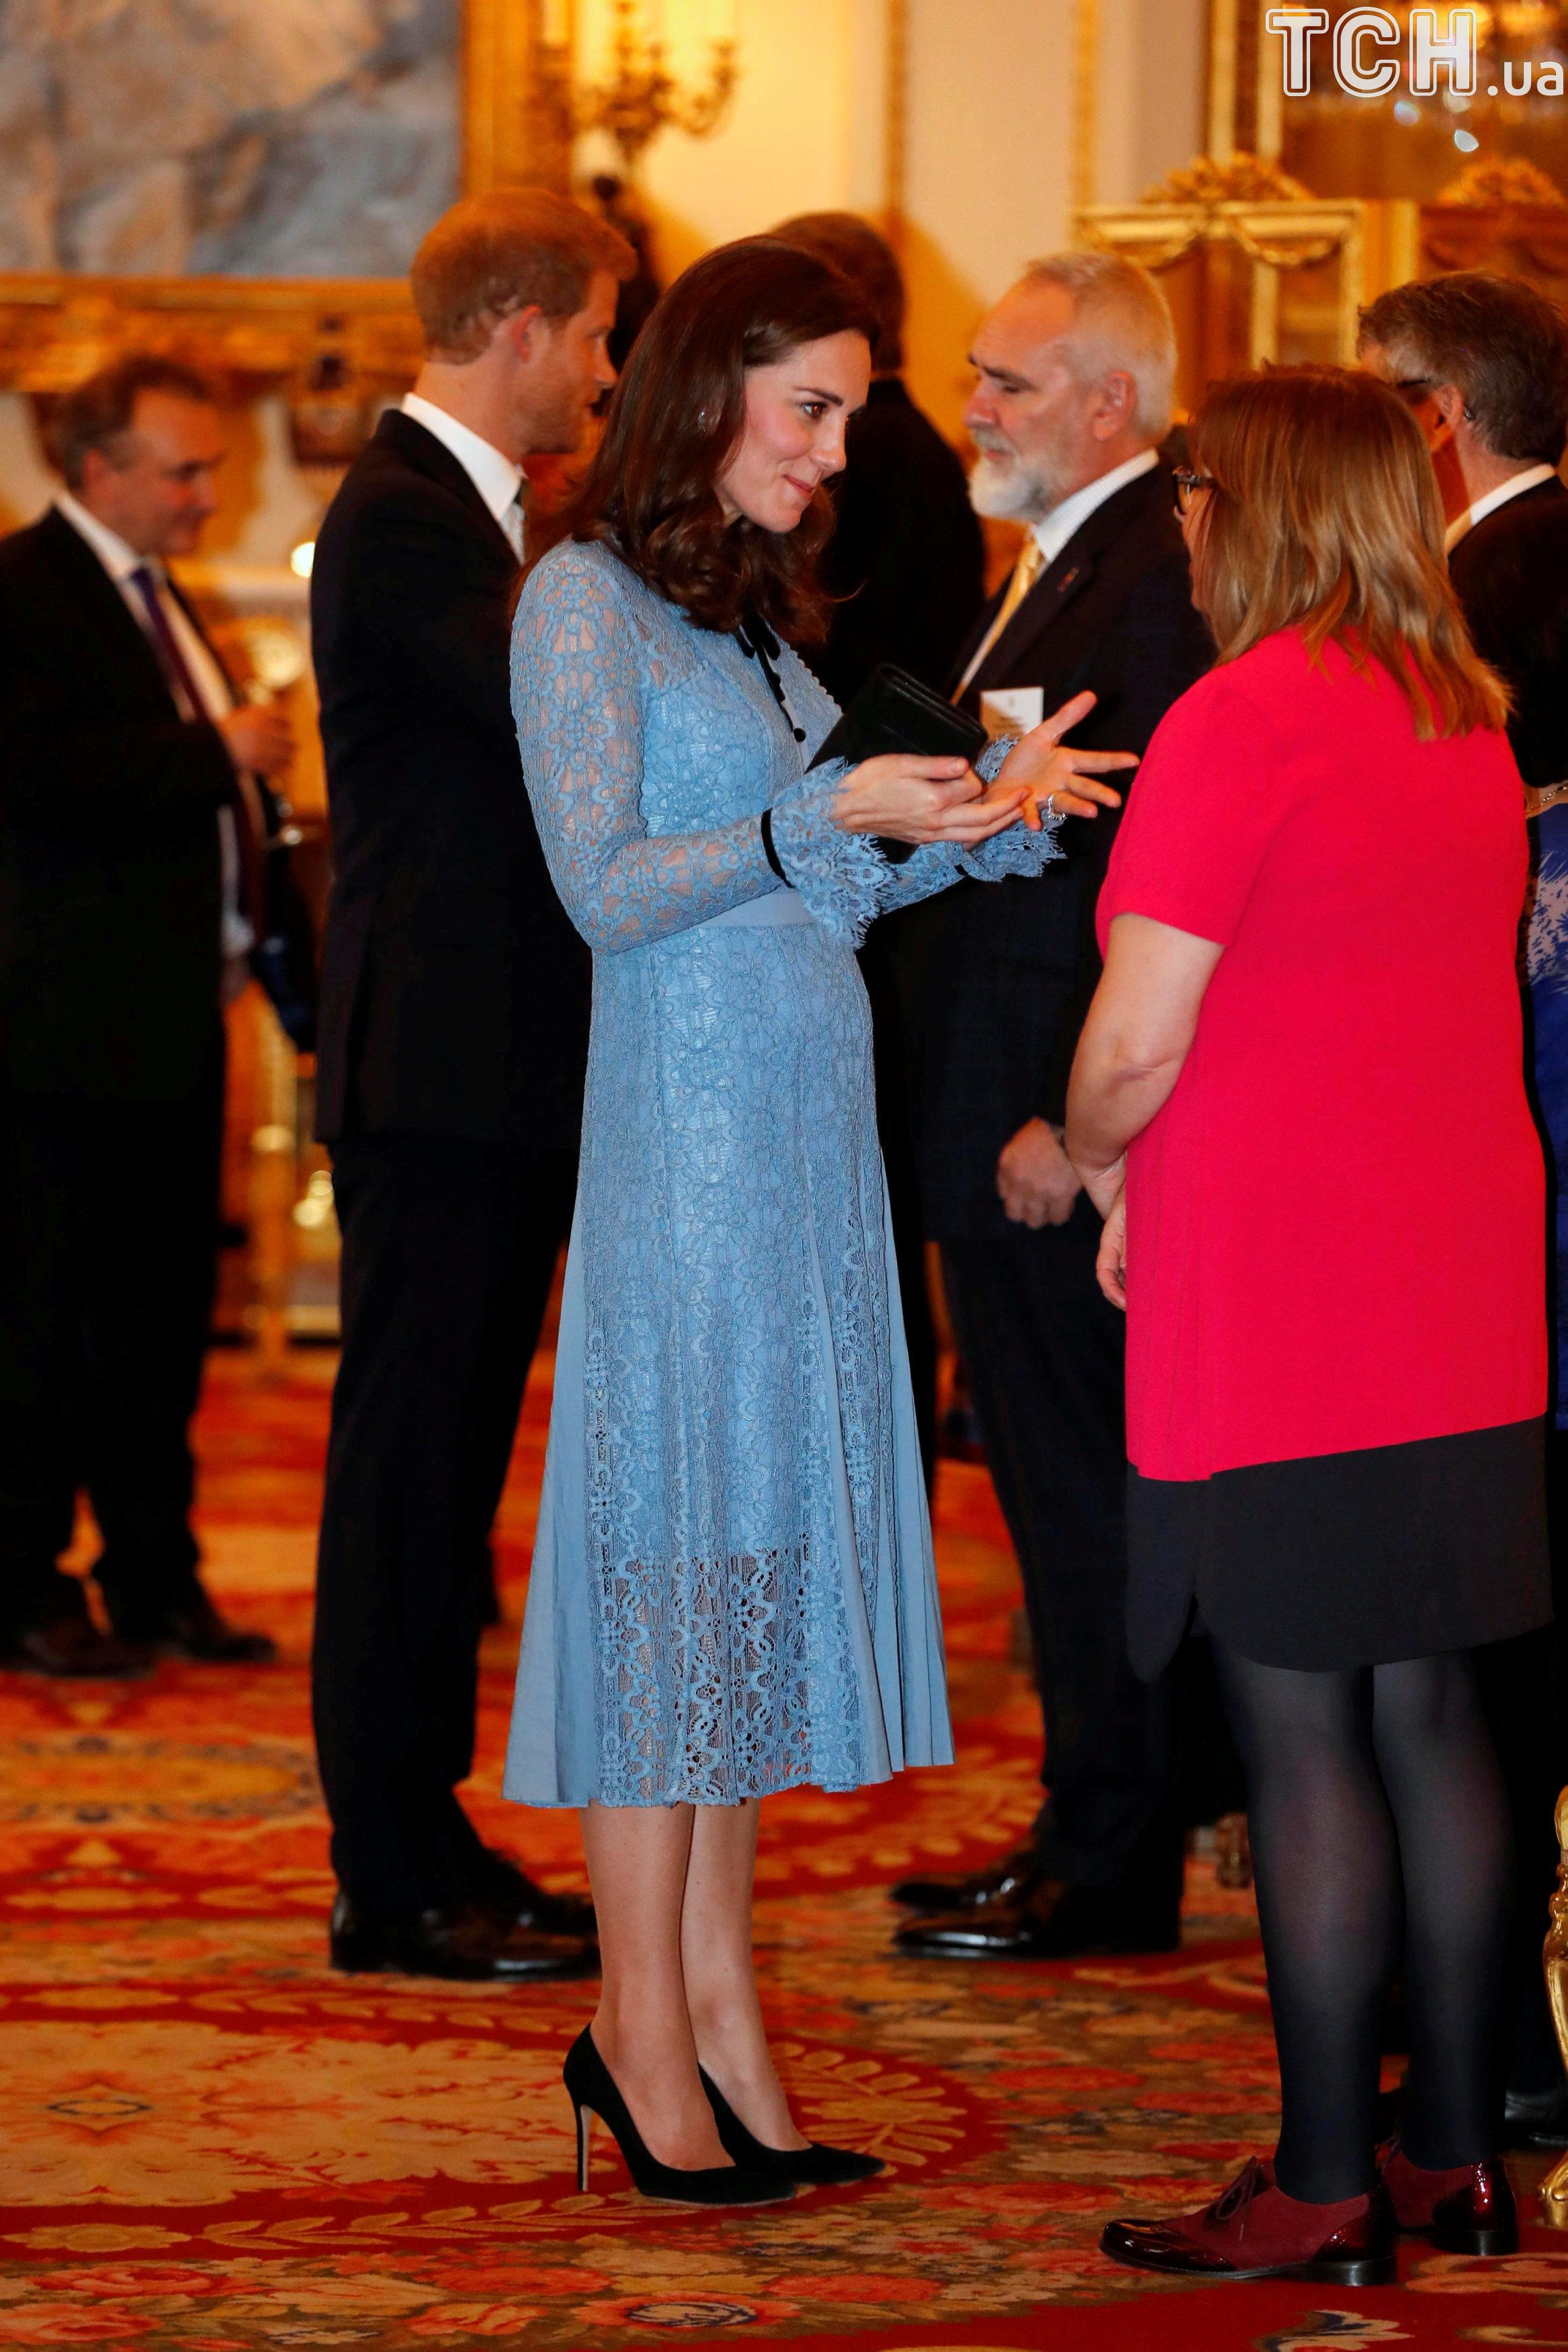 Перший вихід втретє вагітної Кейт Міддлтон_2